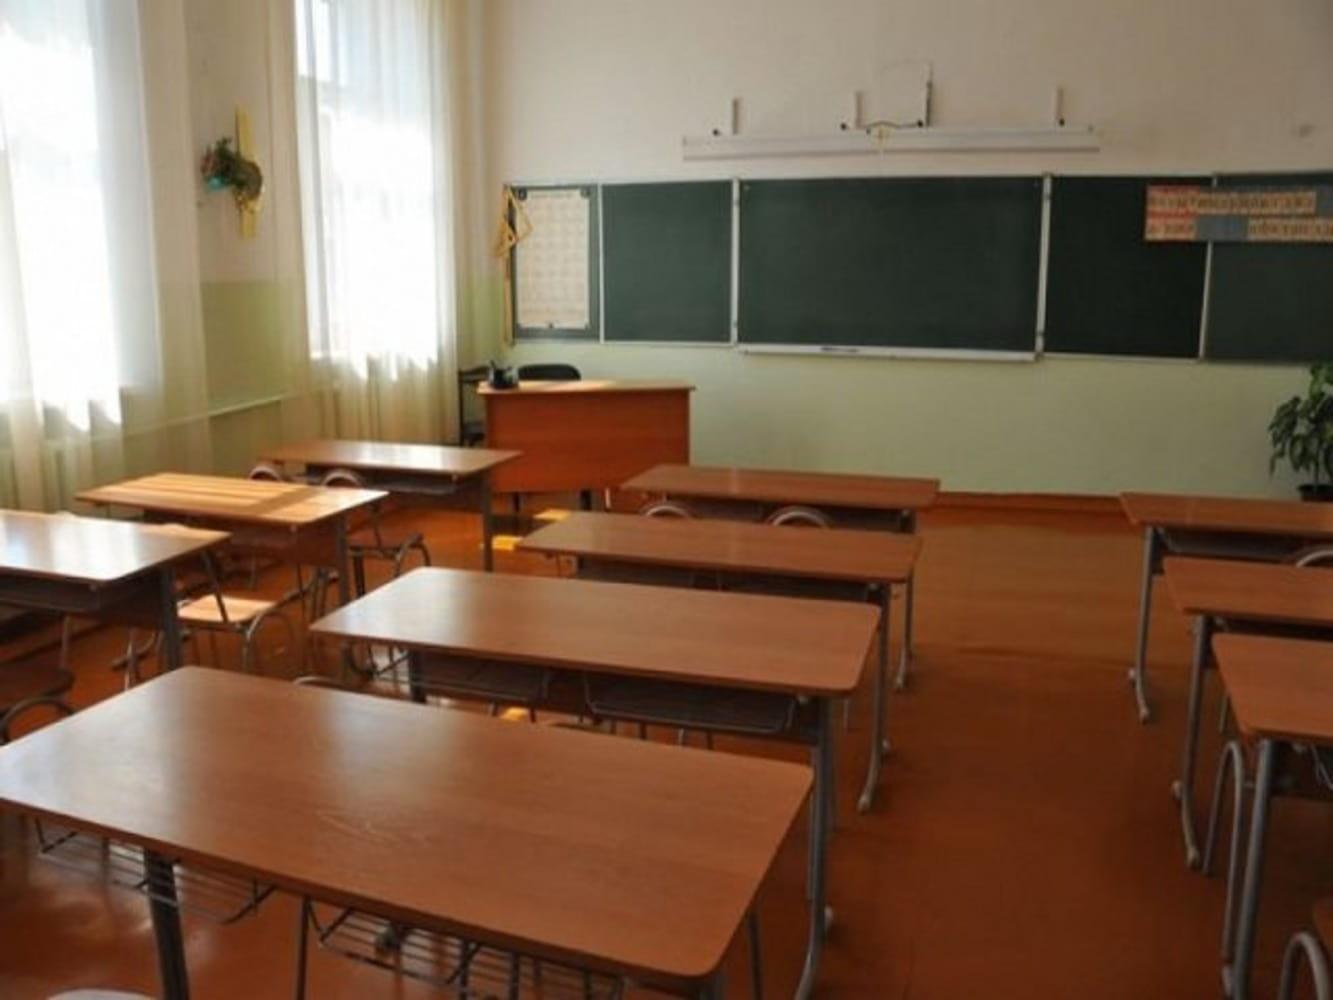 minprosveshheniya-v-blizhajshie-pyat-sem-let-shkoly-zhdet-defitsit-pedagogicheskih-kadrov